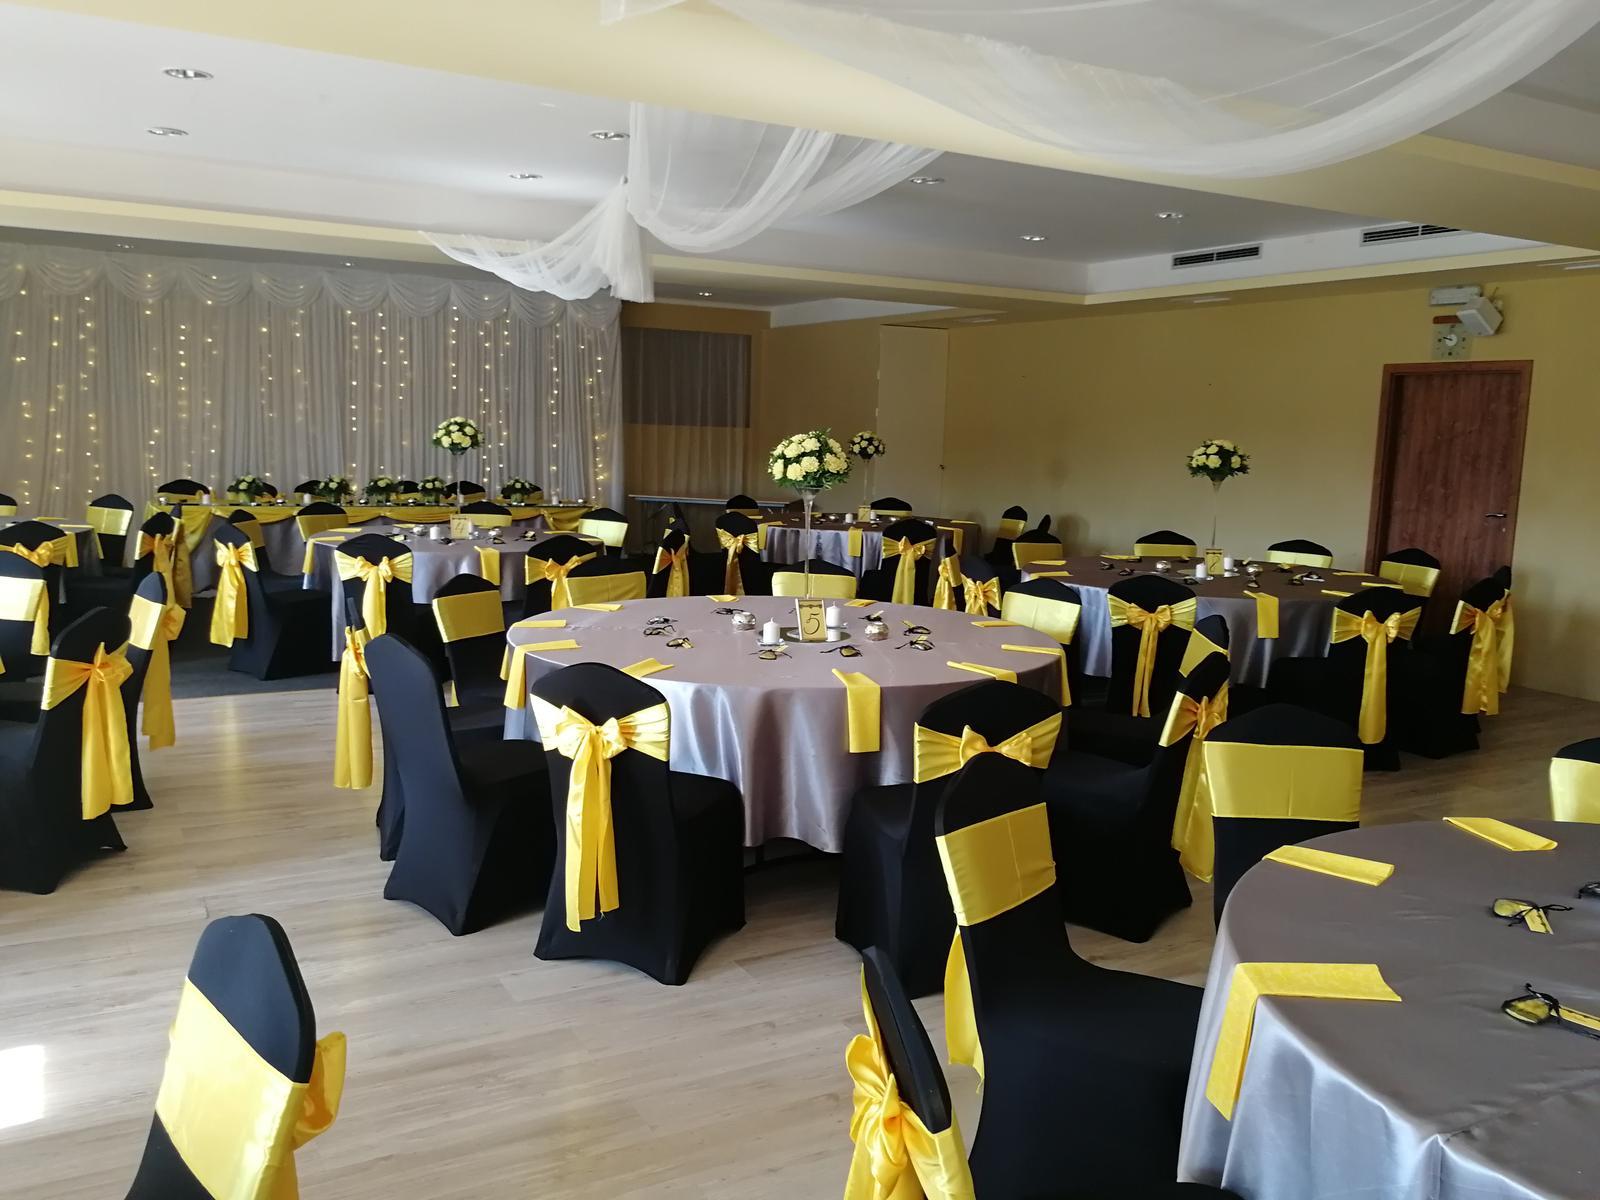 Svadba 14.9.2018 čierno-žlto-sivá kombinácia - Obrázok č. 21